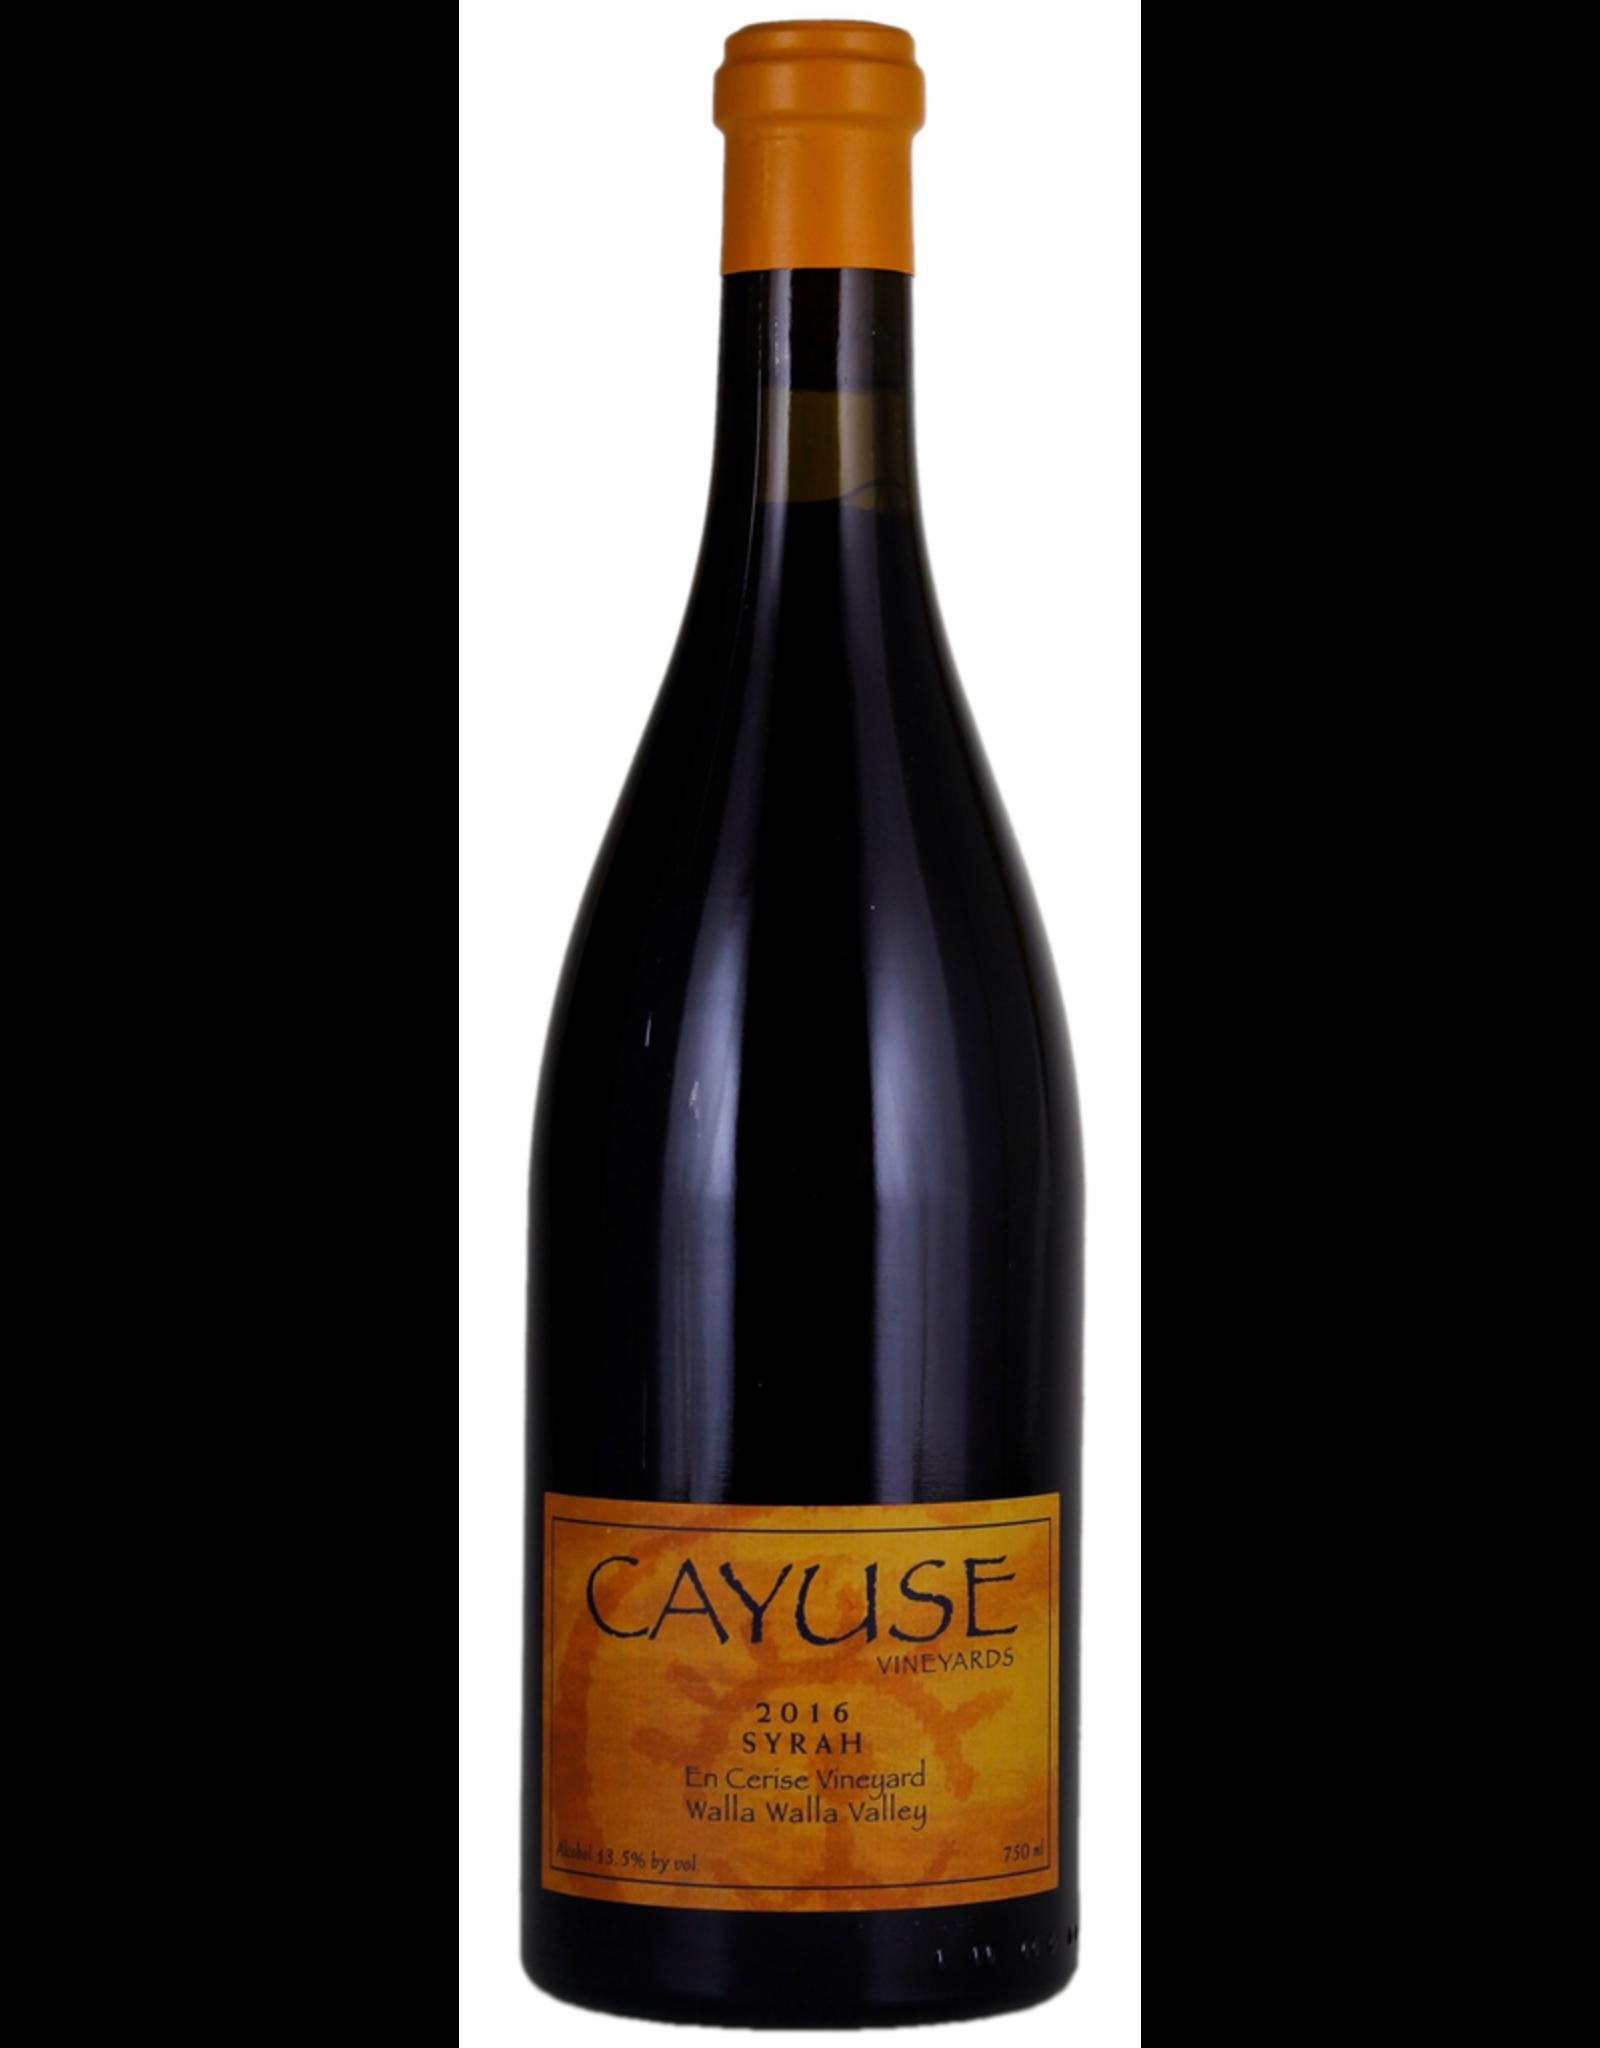 Red Wine 2016, Cayuse En Cerise Vineyard, Syrah, Walla Walla Valley, Columbia Valley, Washington, 13.5% Alc, CT95 JD99